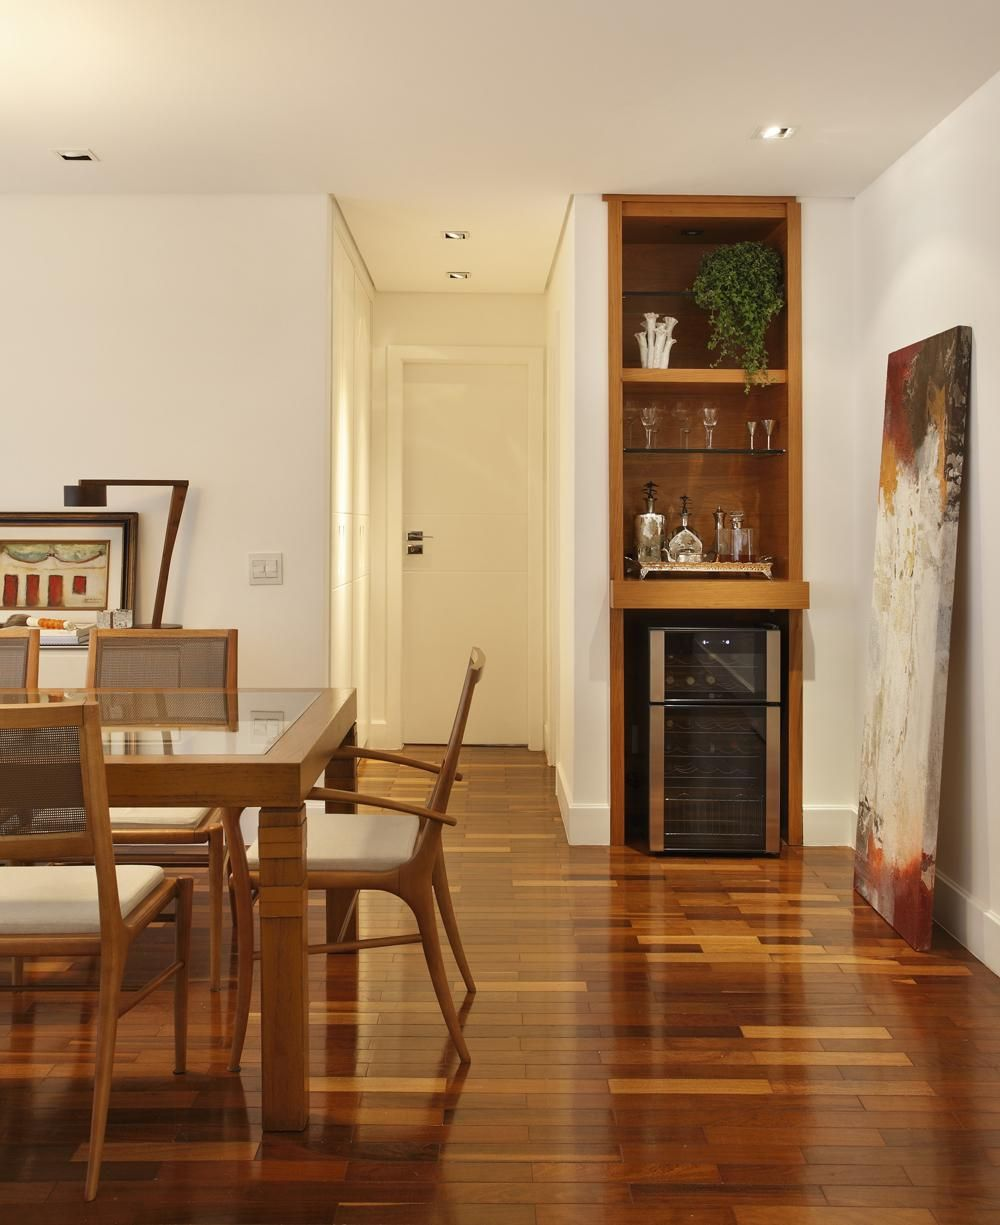 Sala De Adega Pequena Adega De Madeira Pequena With Adega De  -> Adega Para Sala De Jantar Pequena